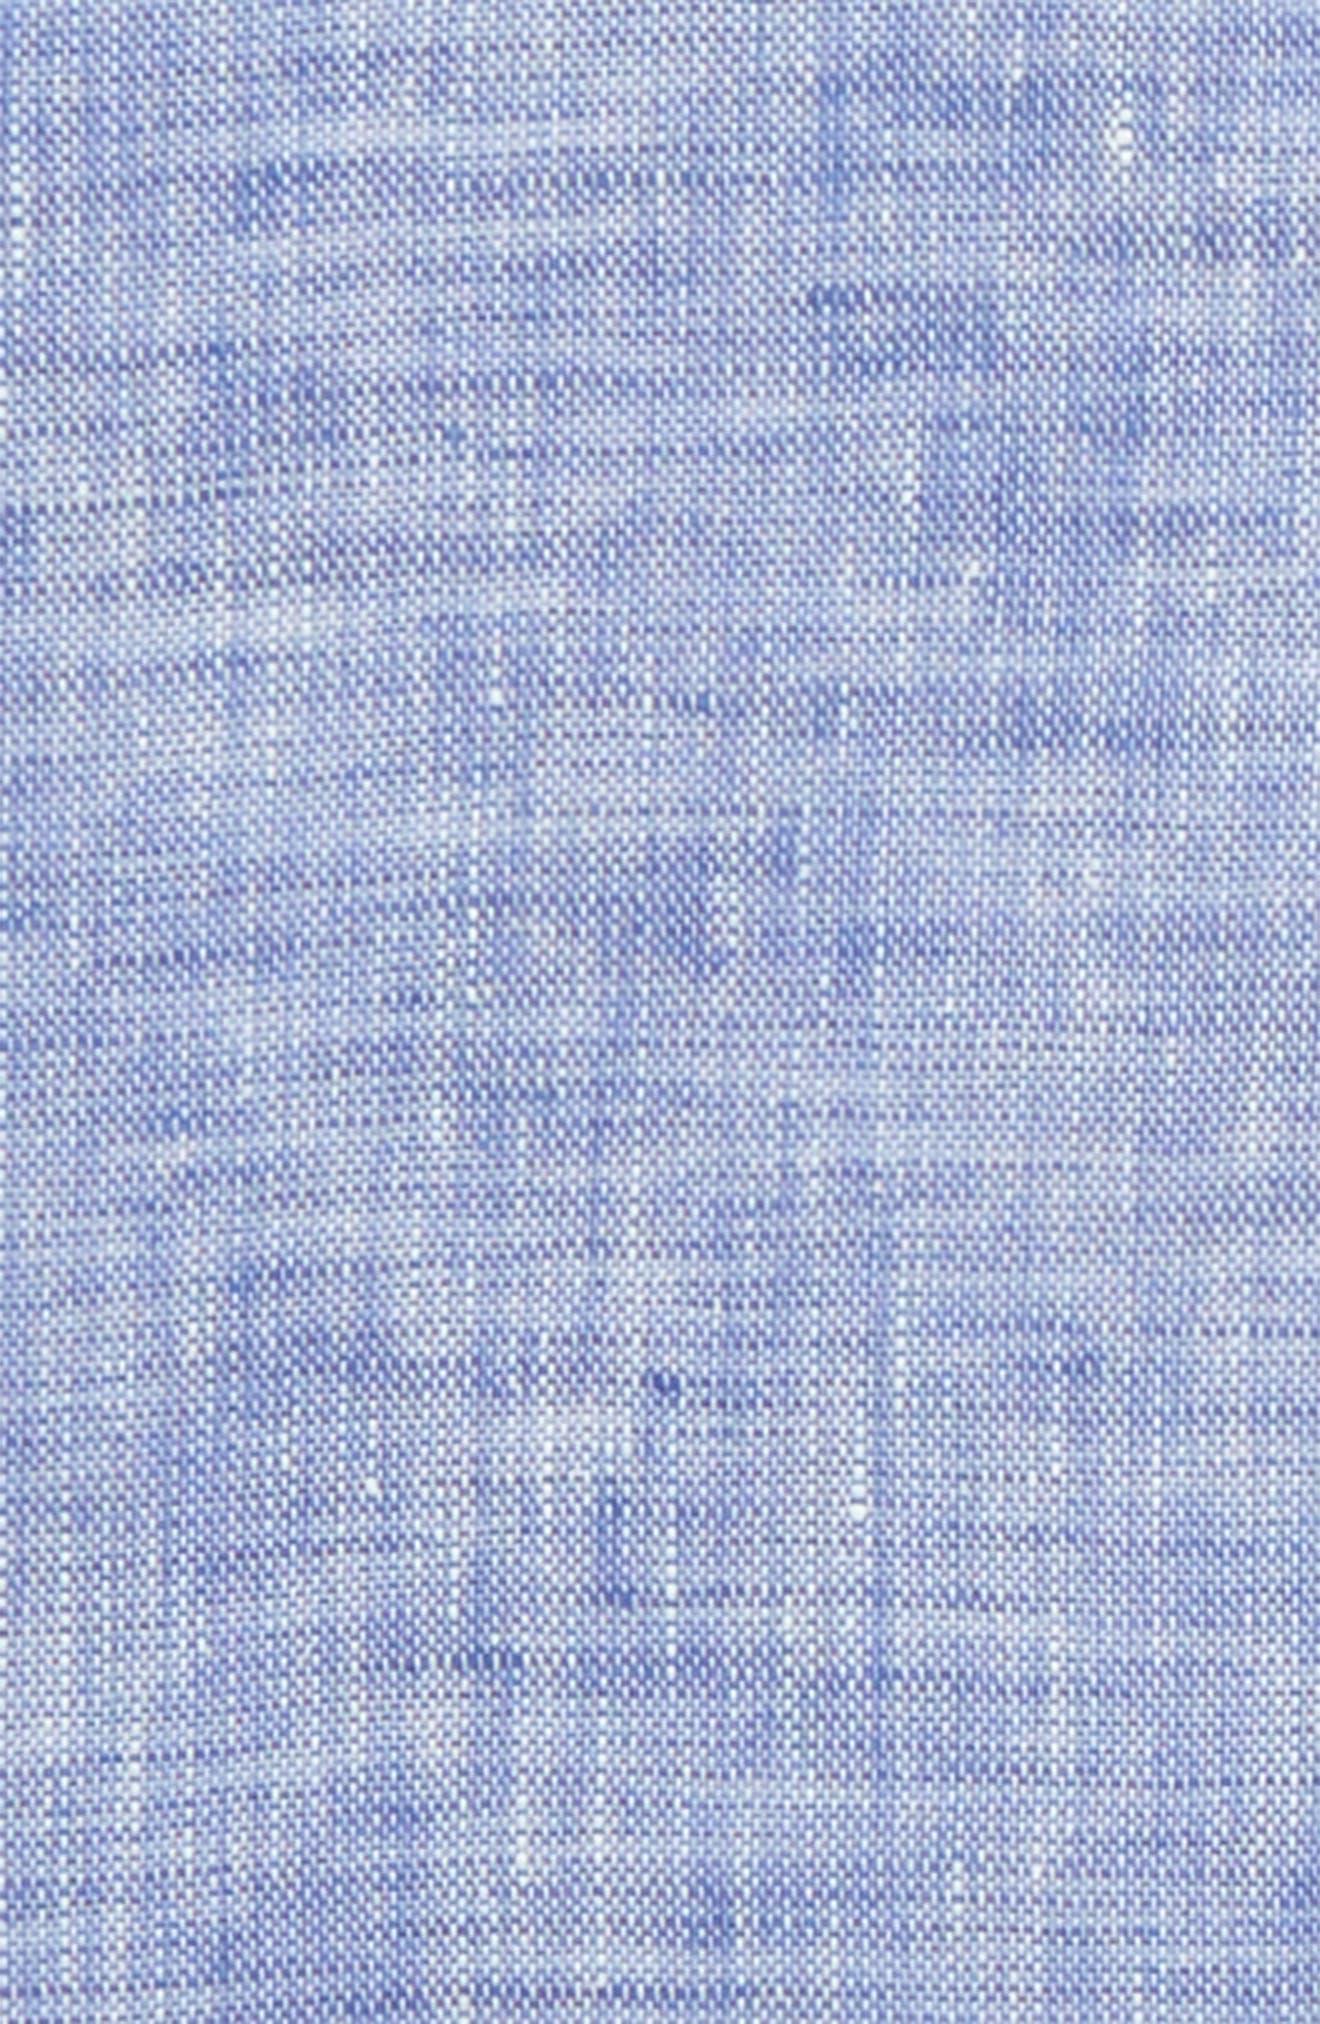 South End Linen Pocket Square,                             Alternate thumbnail 3, color,                             Blue